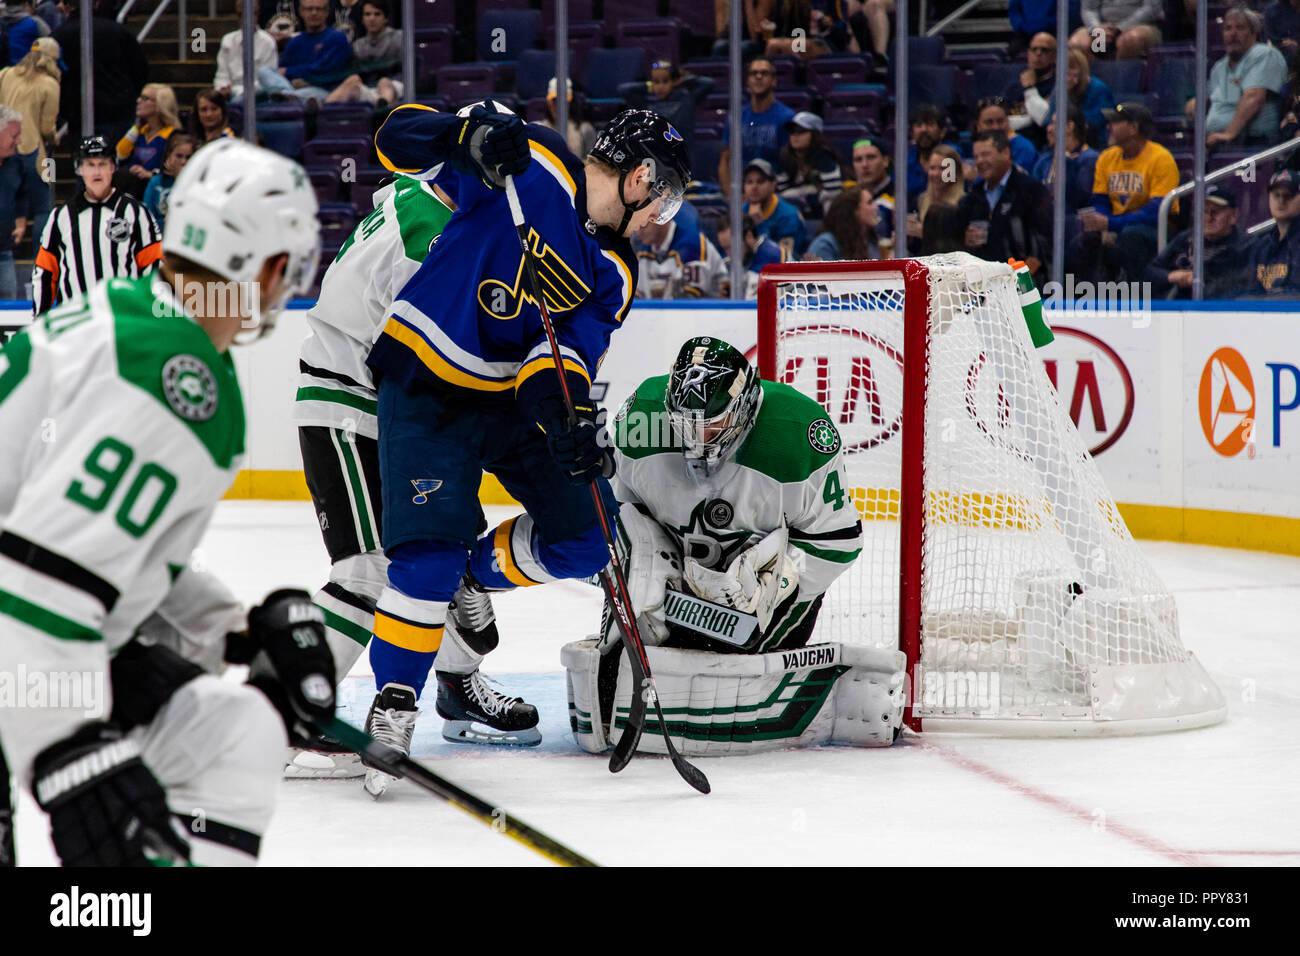 finest selection de63d 5627c St. Louis, USA. 28th Sept, 2018. NHL Pre-season: Dallas ...